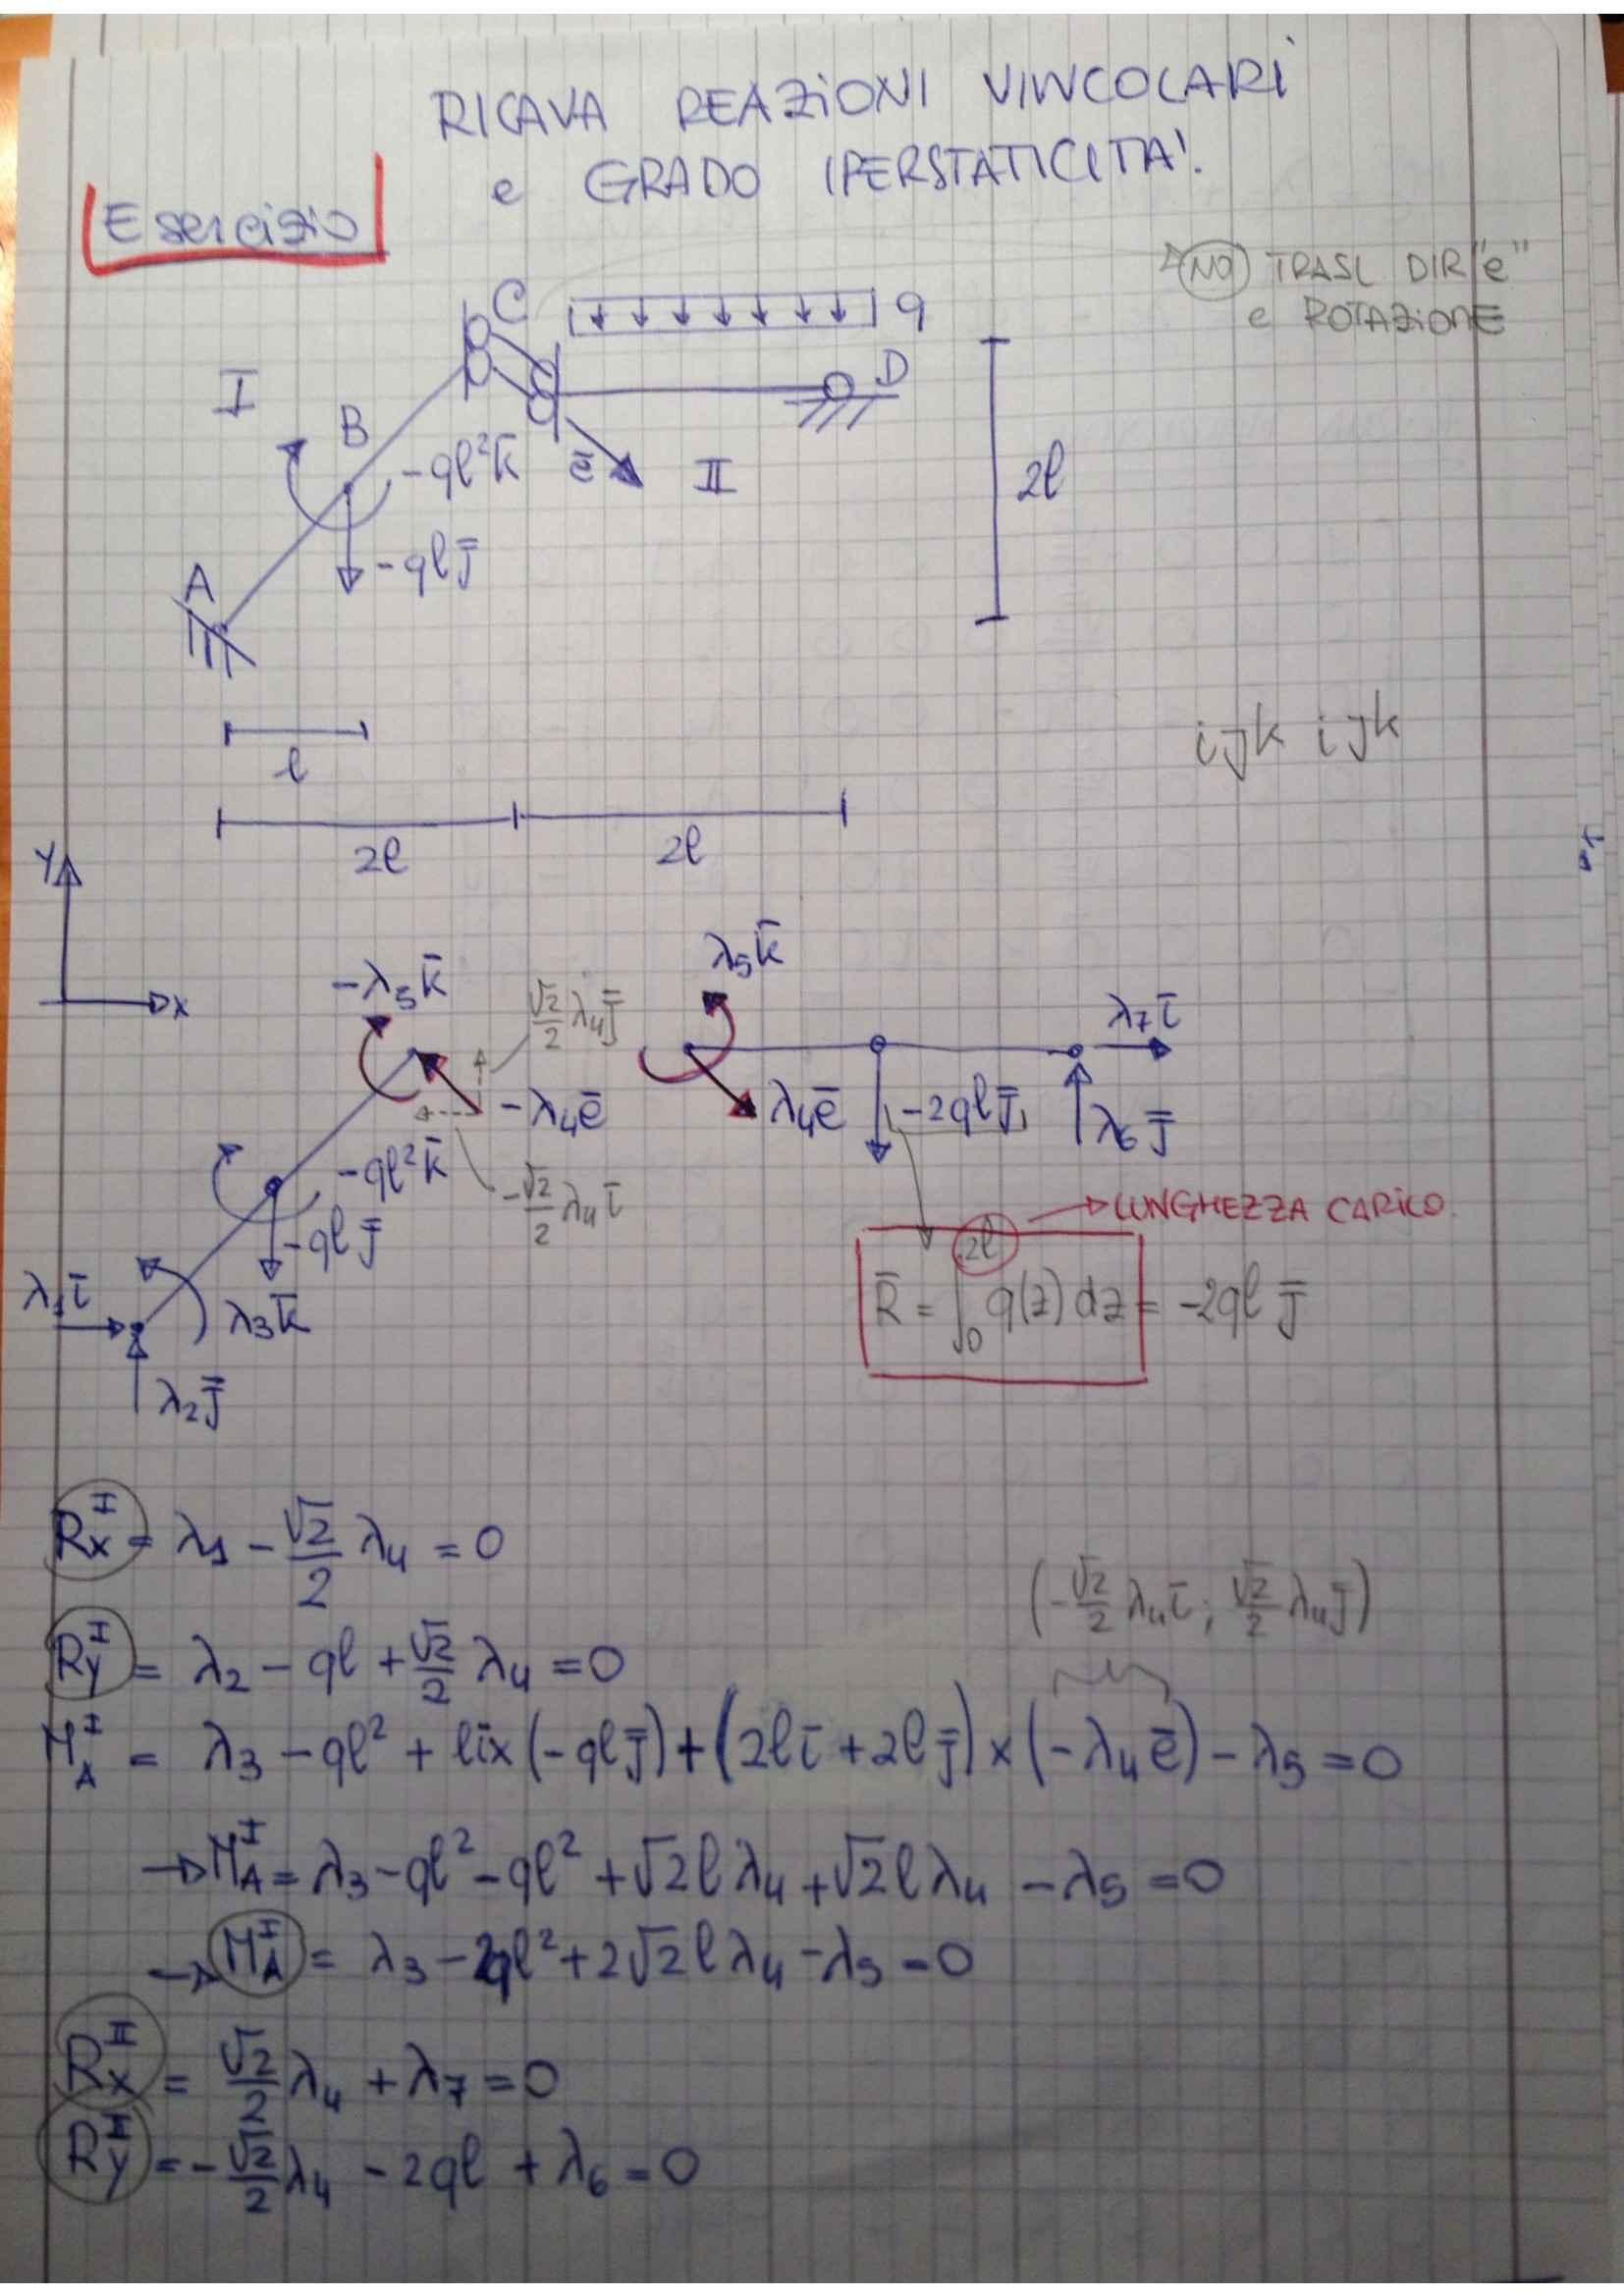 Meccanica dei solidi - esercizi su reazioni vincolari ed Iperstaticità